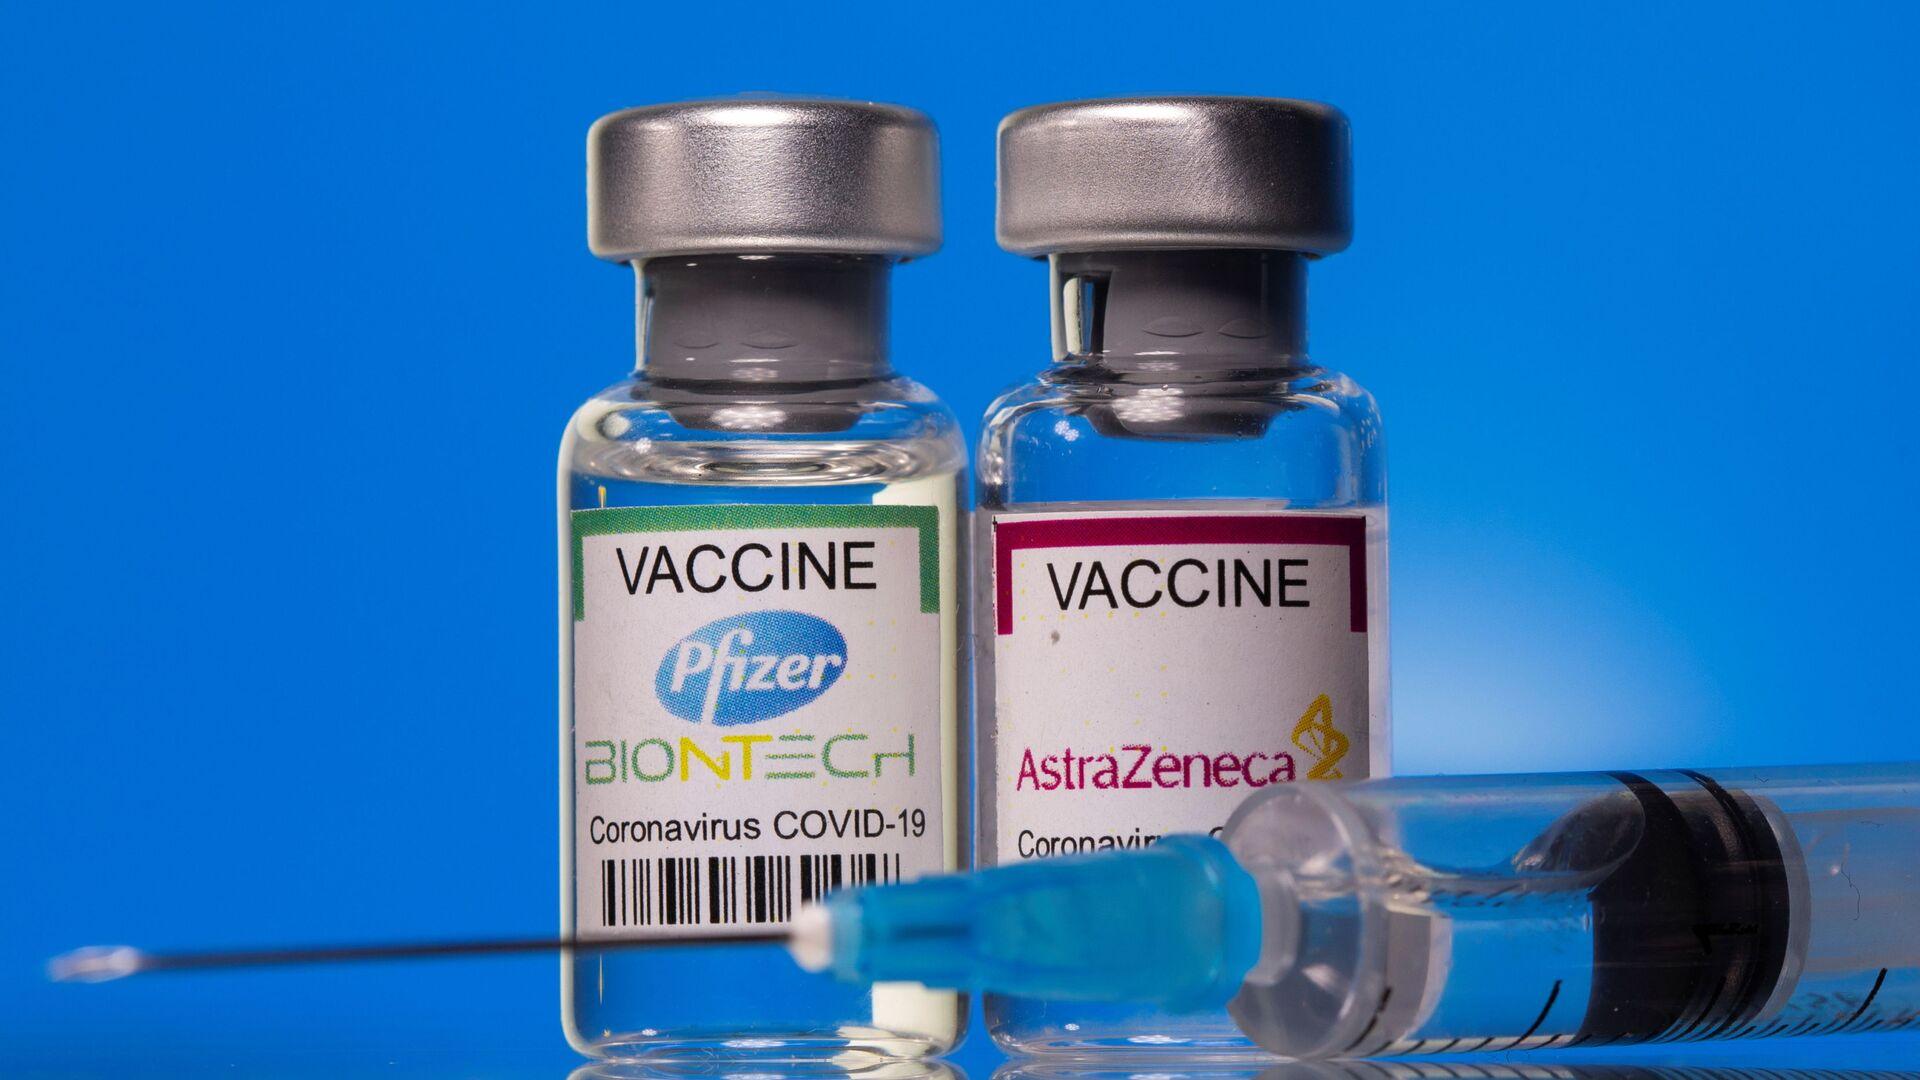 Fiale con vaccini anti-COVID Pfizer ed AstraZeneca - Sputnik Italia, 1920, 26.05.2021